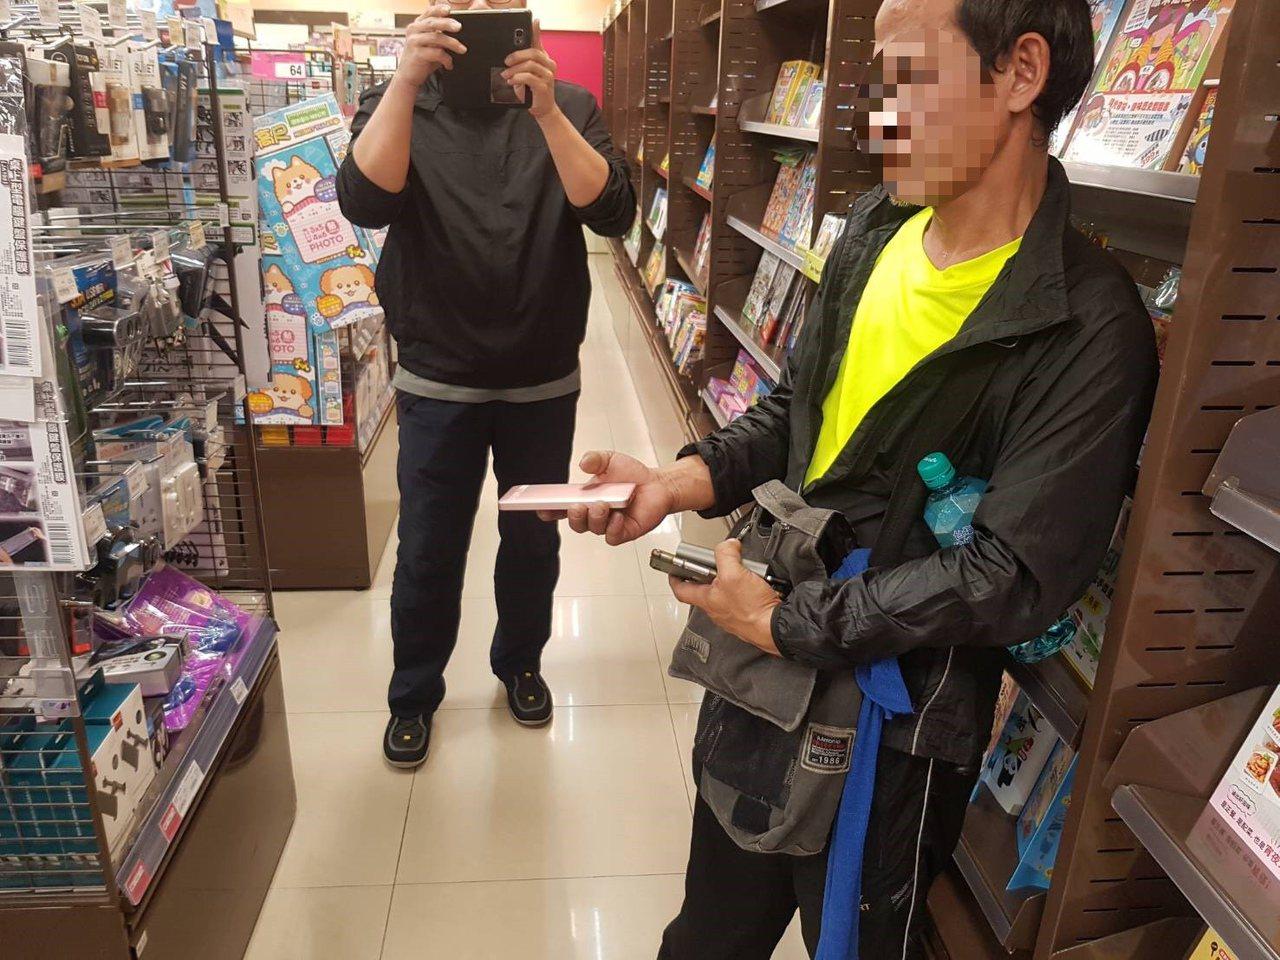 許姓男子在台南市東區一知名連鎖大賣場涉偷取行動電源、傳輸線等物,當場被員工發現,...